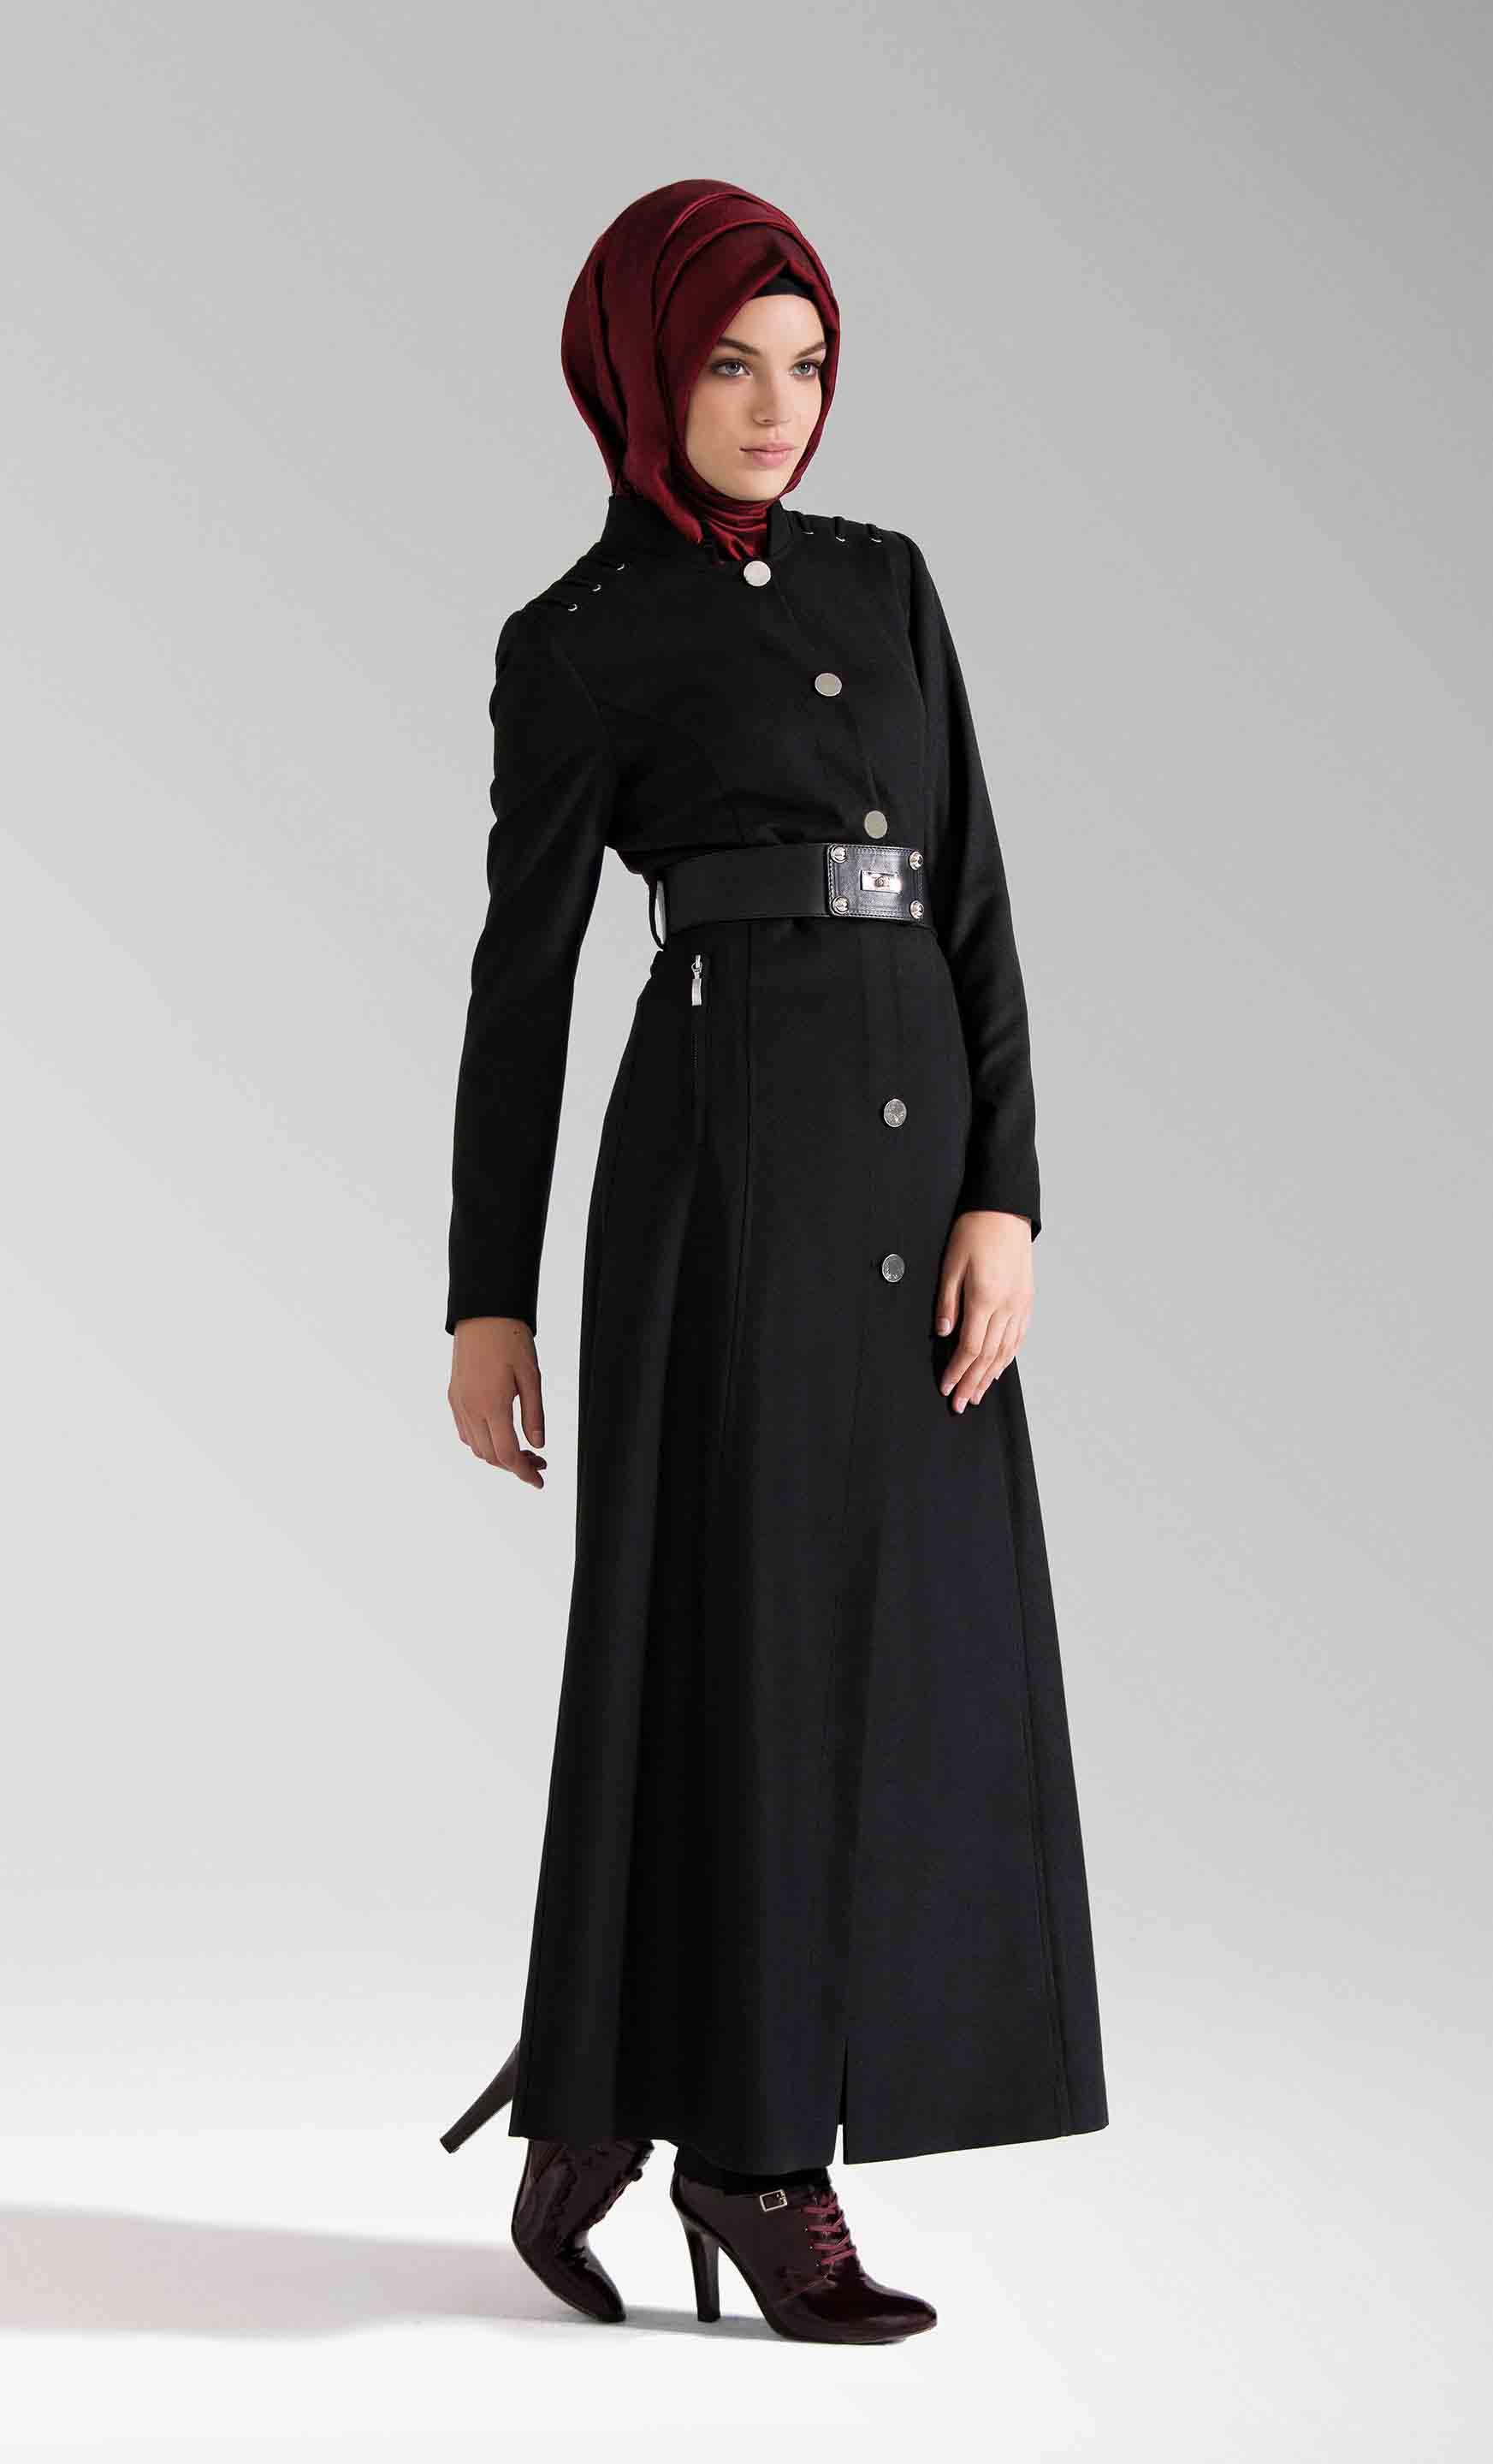 بالصور ملابس تركية للمحجبات , ارق و اجمل ملابس المحجبات التركيه 807 6